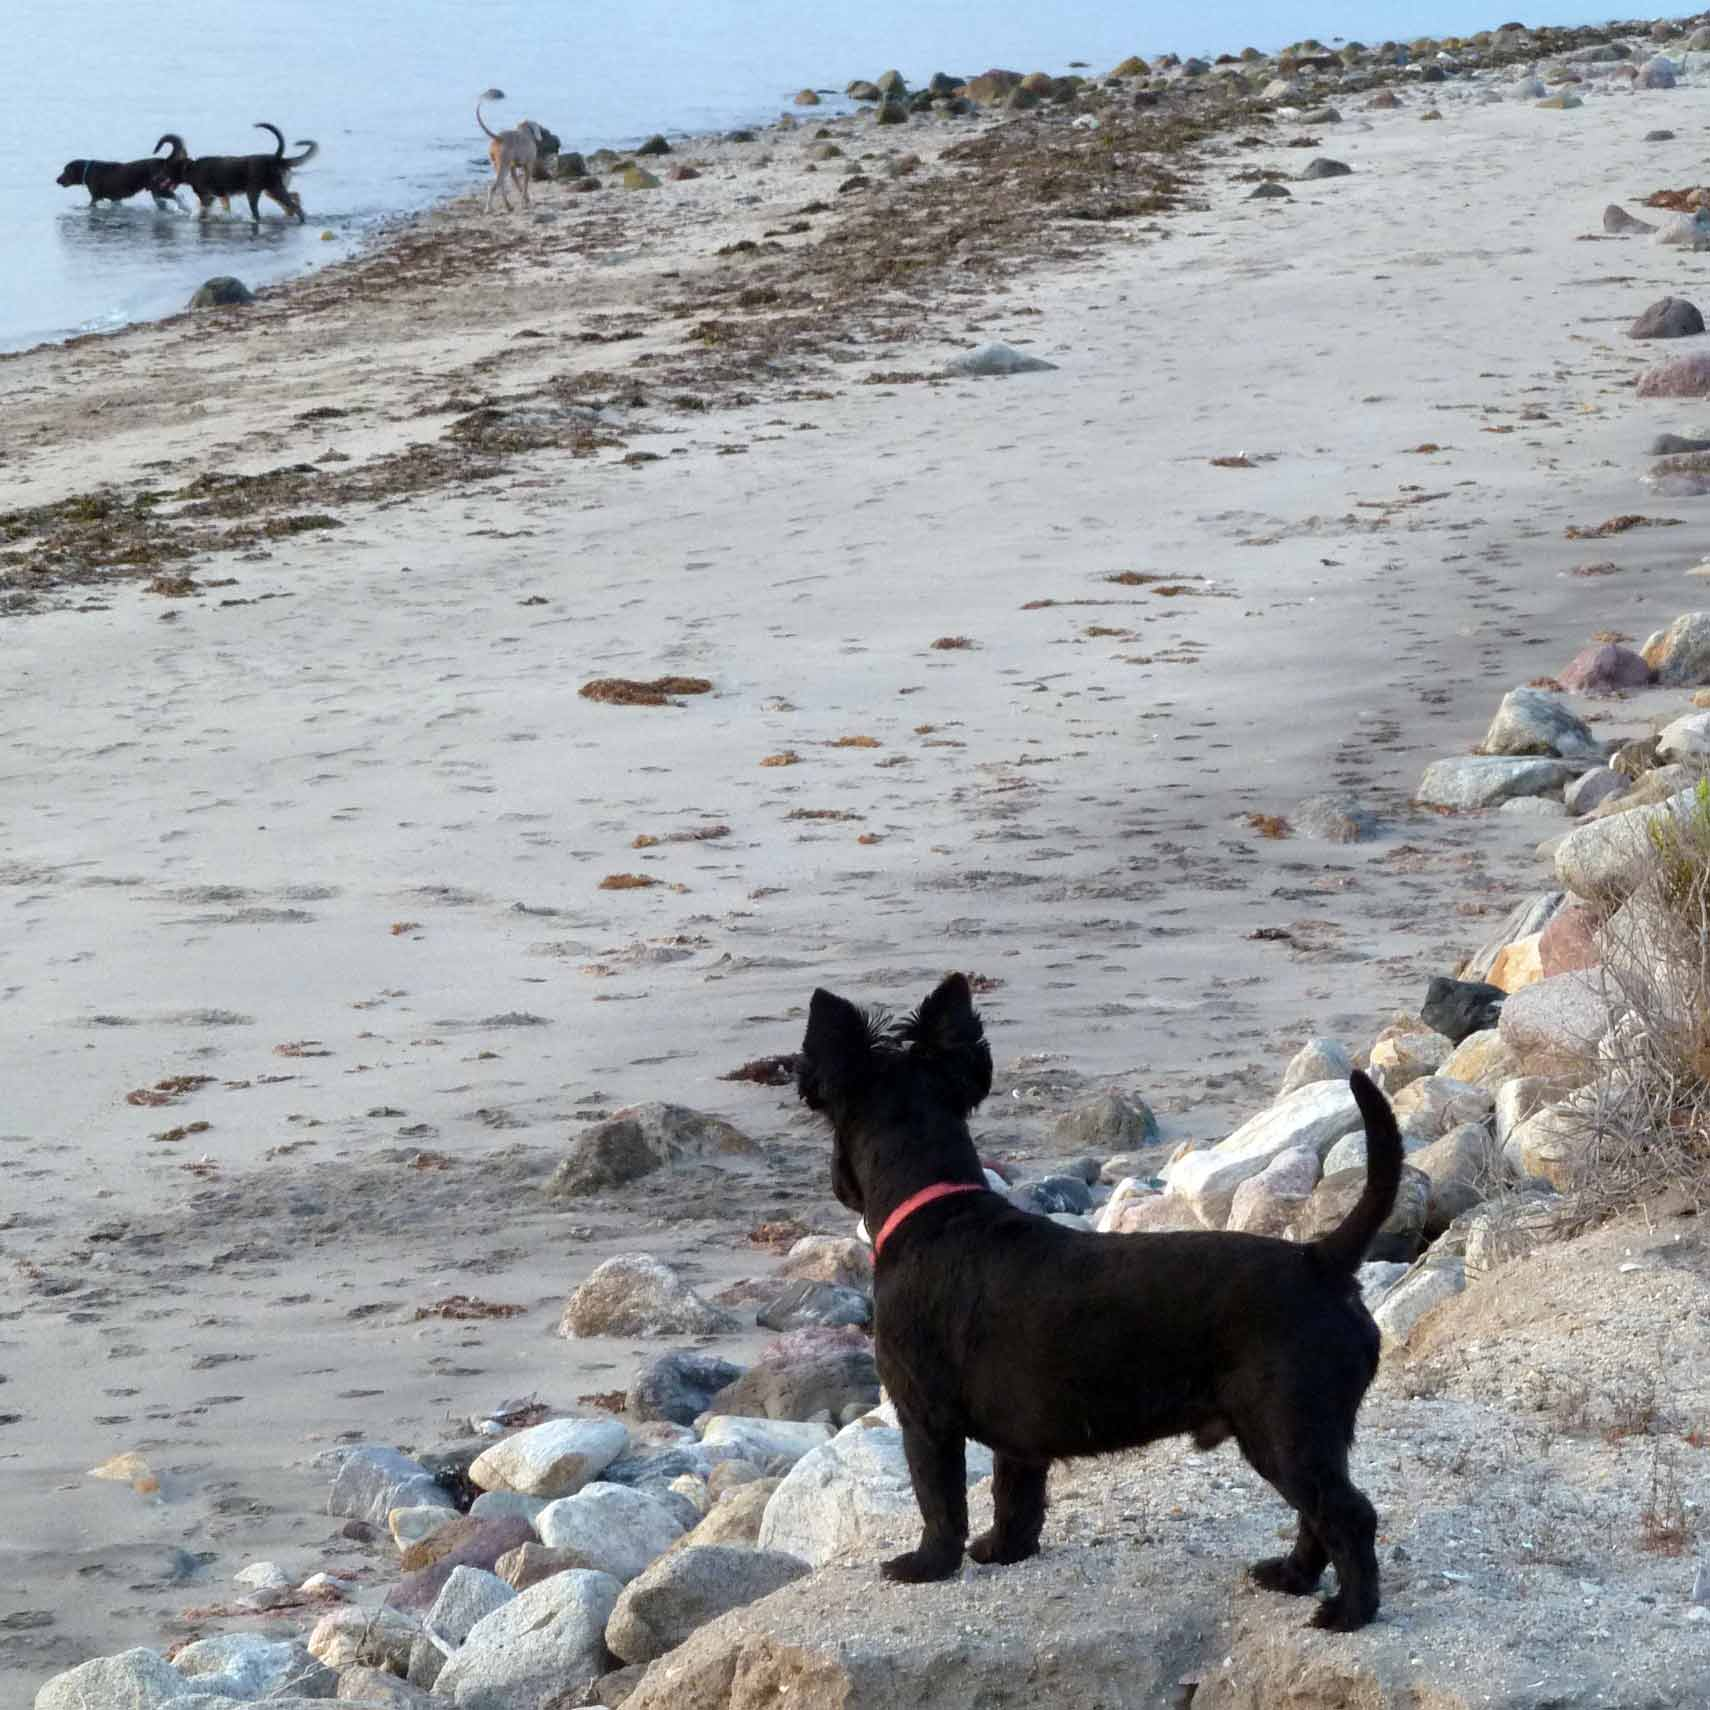 DOGS_1_P1030221.jpg